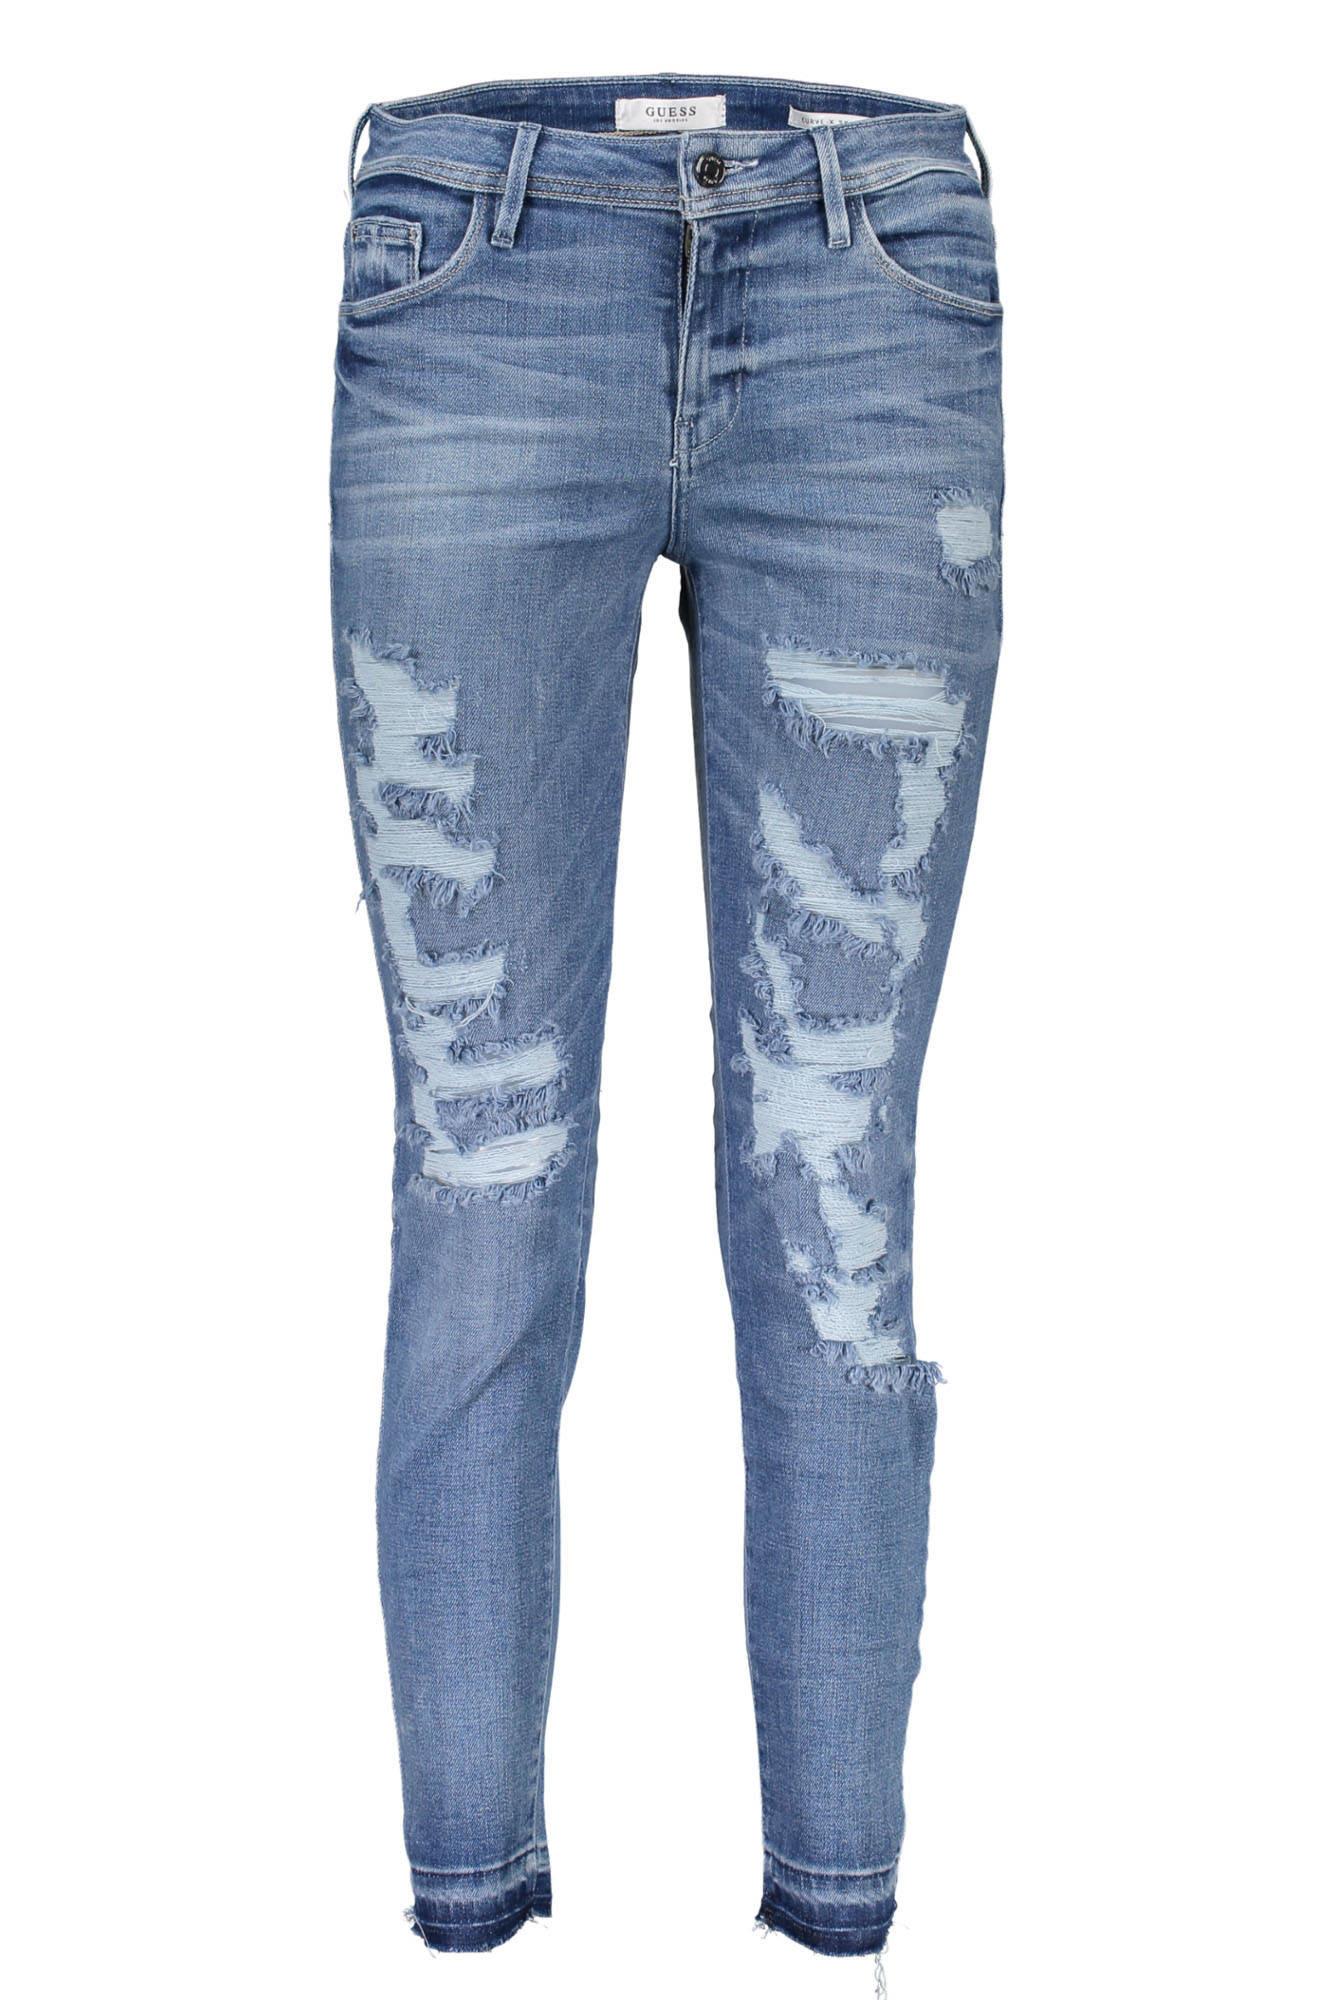 Guess Jeans Džíny Dámské - 26   Modrá - Glami.cz 3322292e23